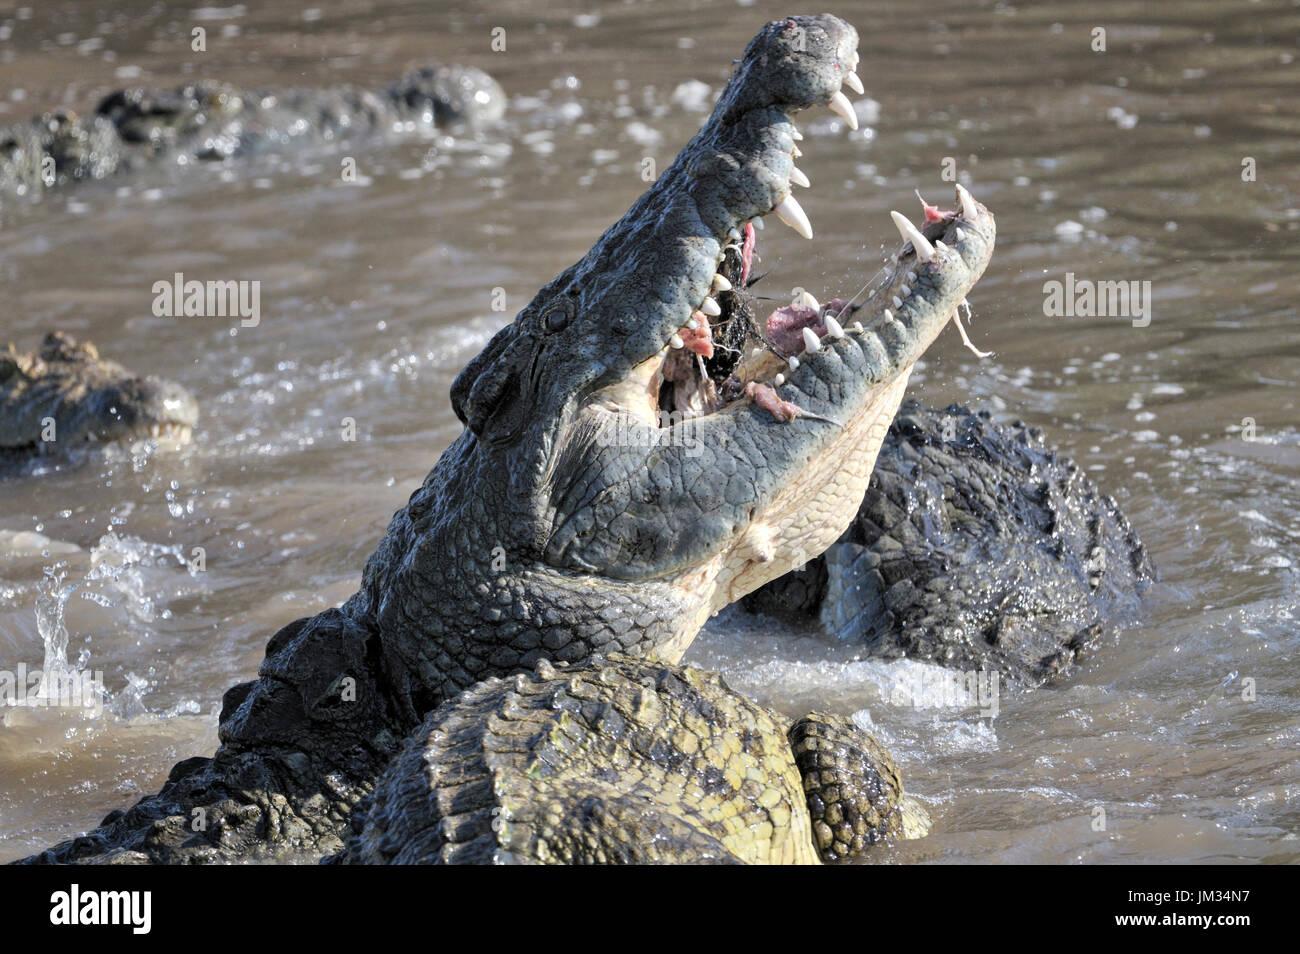 Los cocodrilos del Nilo (Crocodylus niloticus) de comer, río Grumeti, Parque Nacional del Serengeti, Tanzania. Imagen De Stock